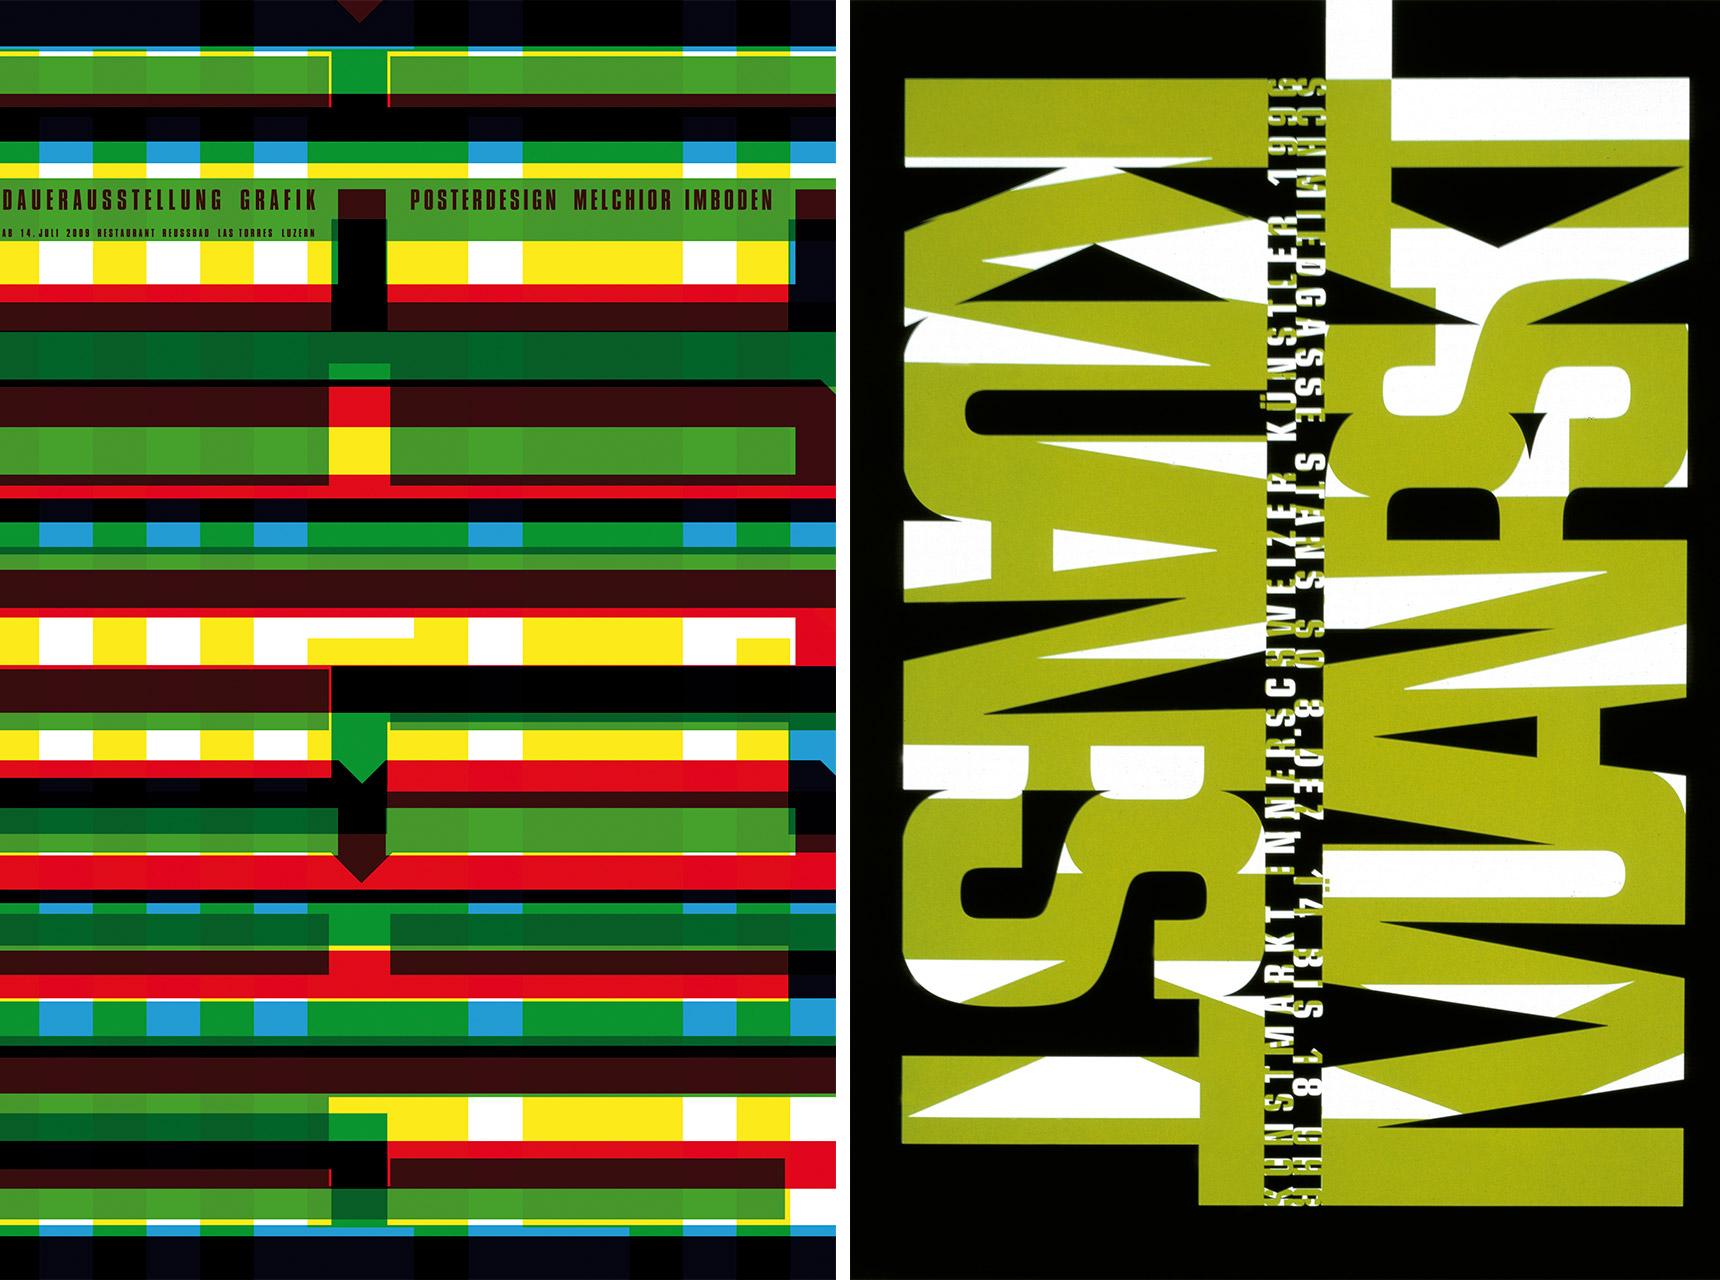 Melchior Imboden: Dauerausstellung Grafik (2009) und Kunstmarkt (1996)